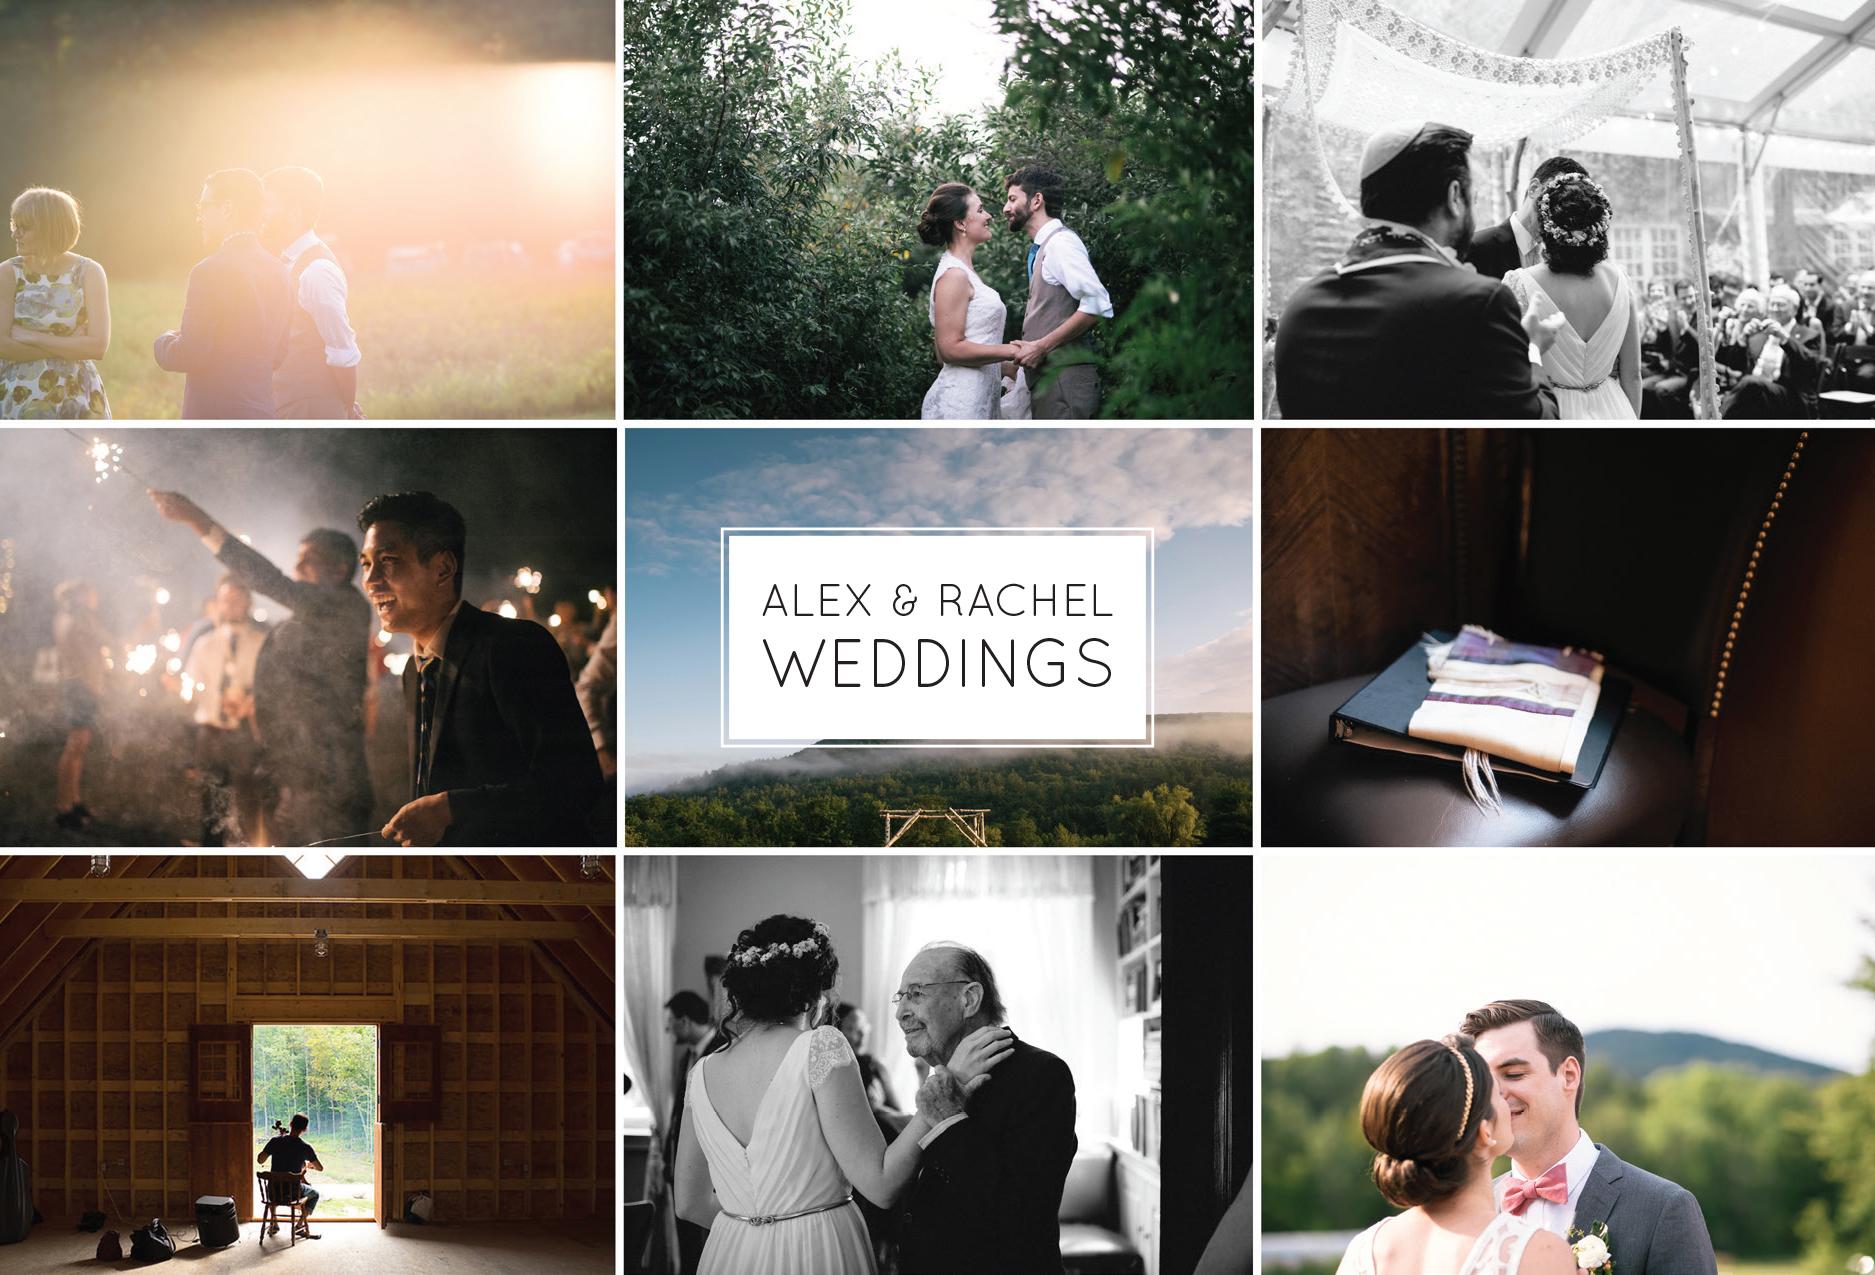 Alex & Rachel Weddings, Photograhers for Montague Retreat Center